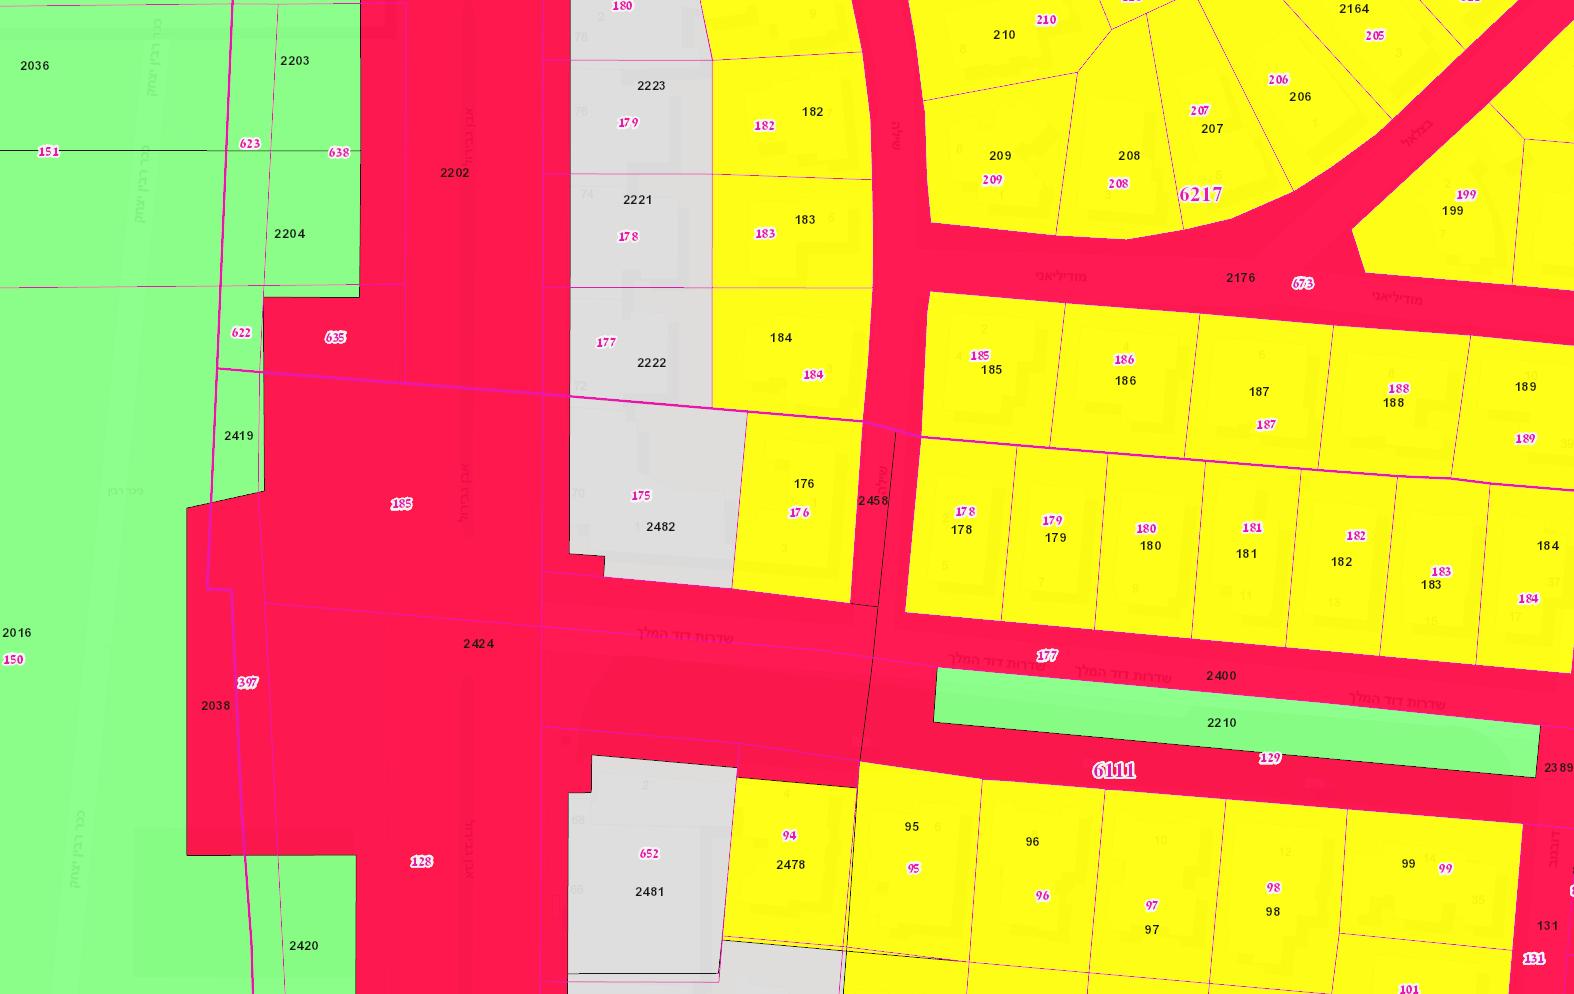 בדיקת התכנות לבנייה והתחדשות עירונית